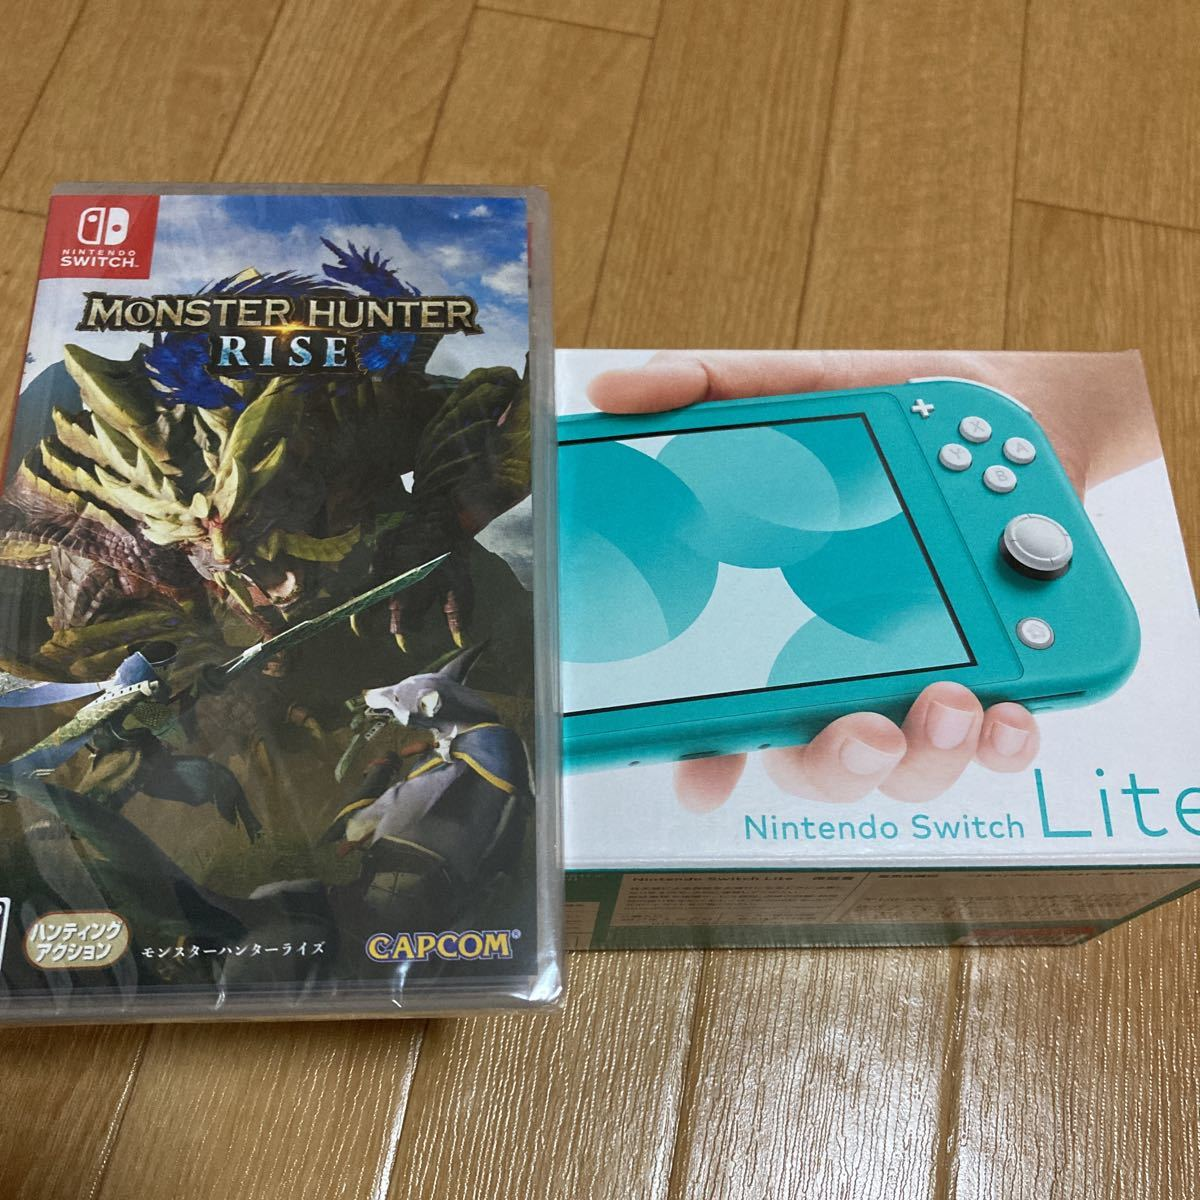 Nintendo Switch本体 ニンテンドースイッチライト  モンスターハンターライズ モンハン ニンテンドースイッチ本体